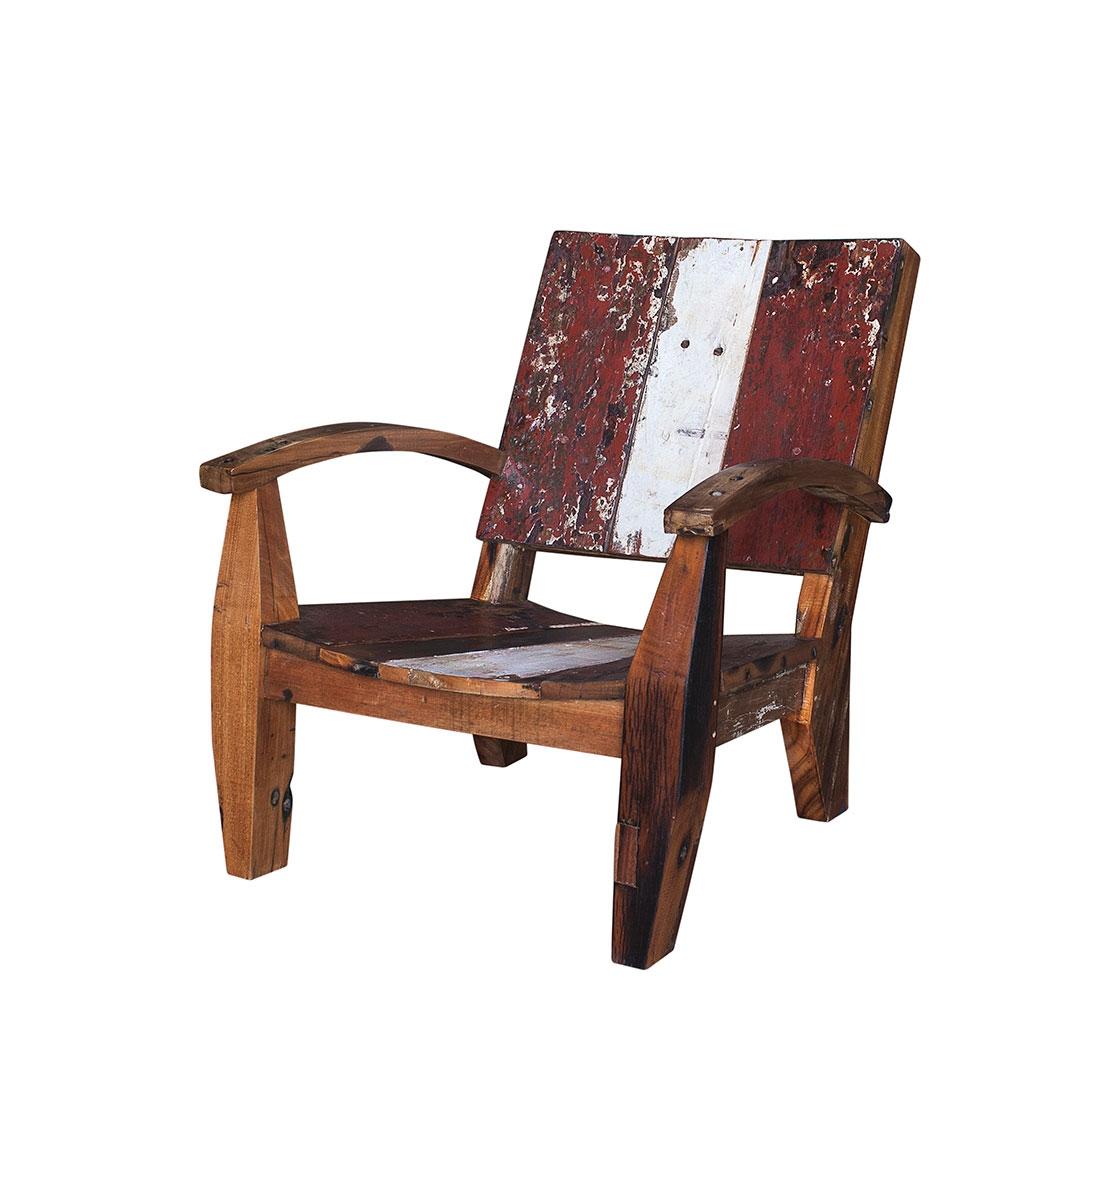 Подвесное кресло Like Lodka 4152888 от thefurnish